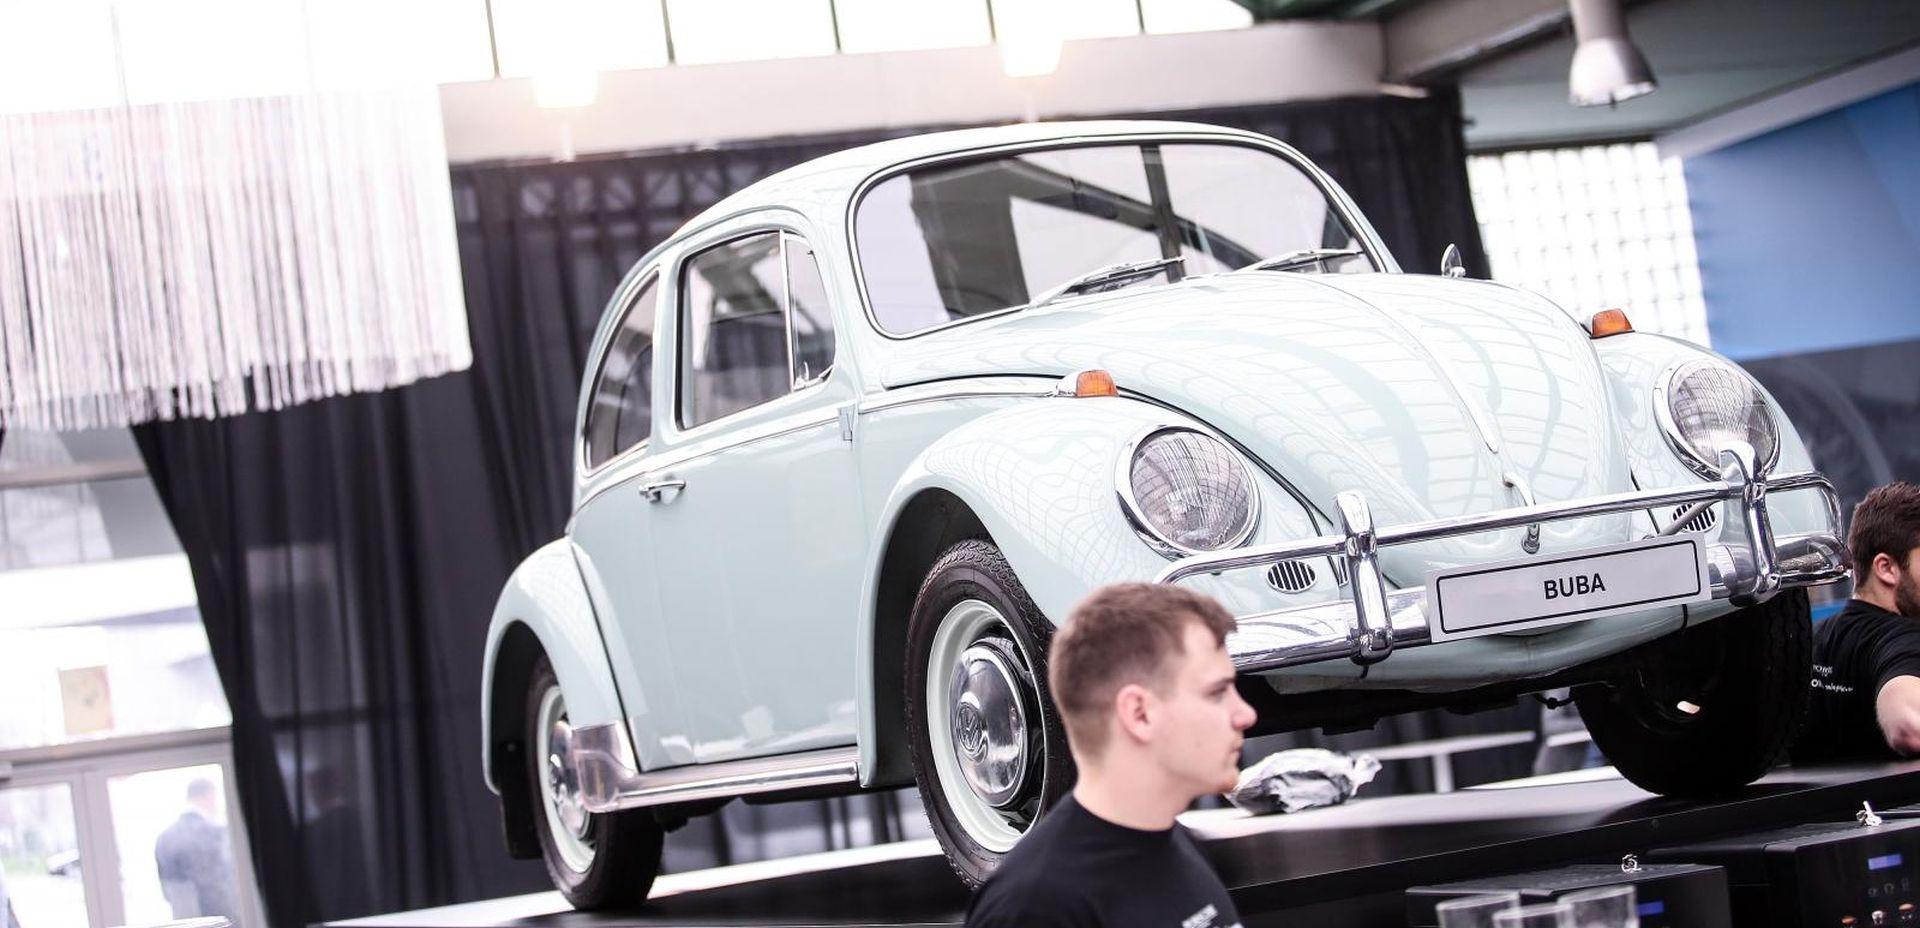 Osam desetljeća Bube, jednog od najpopularnijih automobila na svijetu